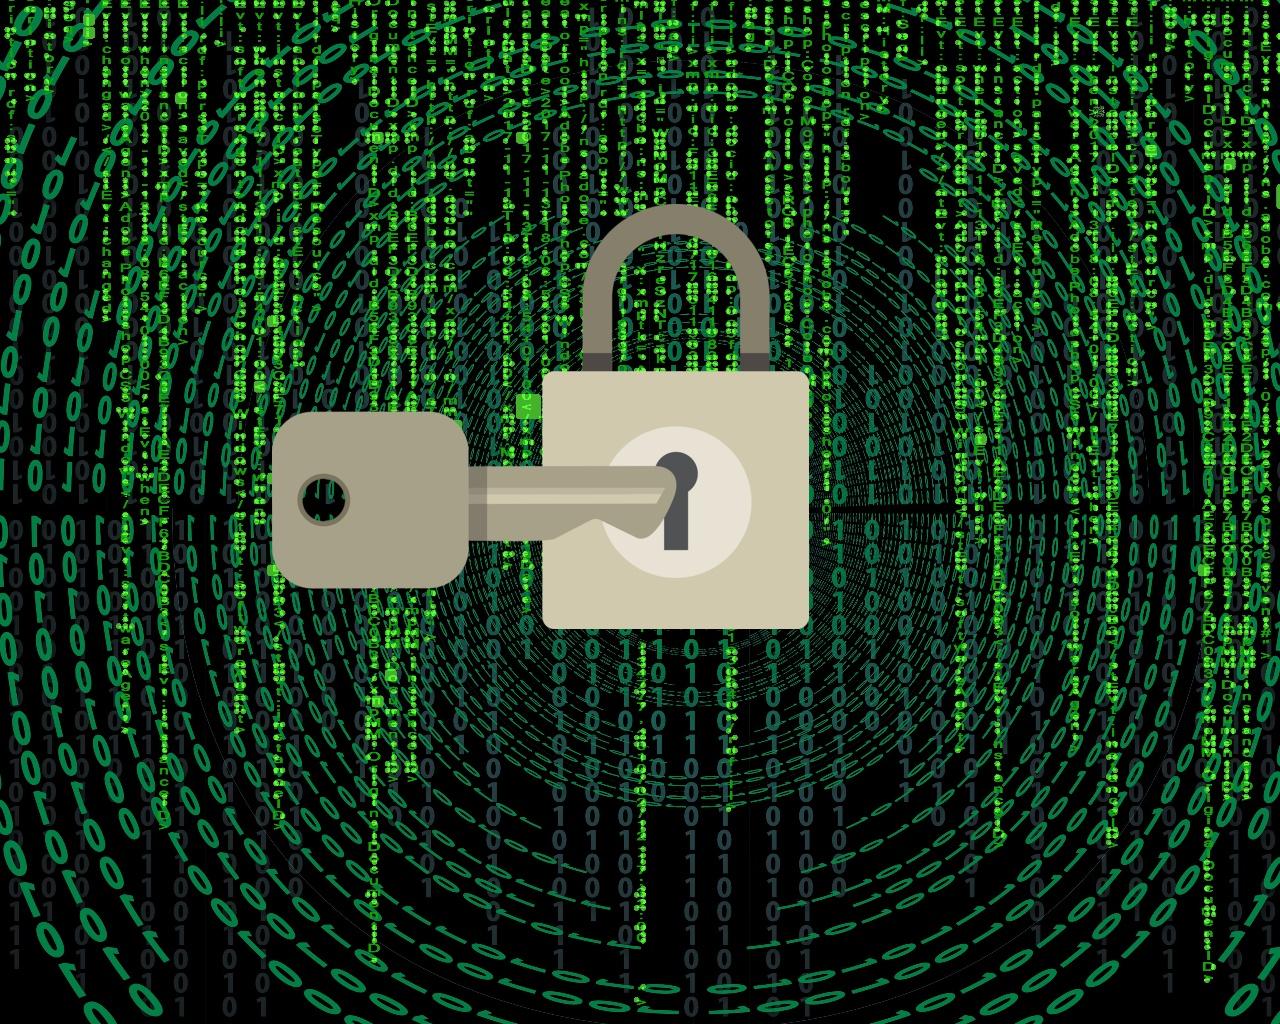 Matrix Code, Schloss, Schlüssel